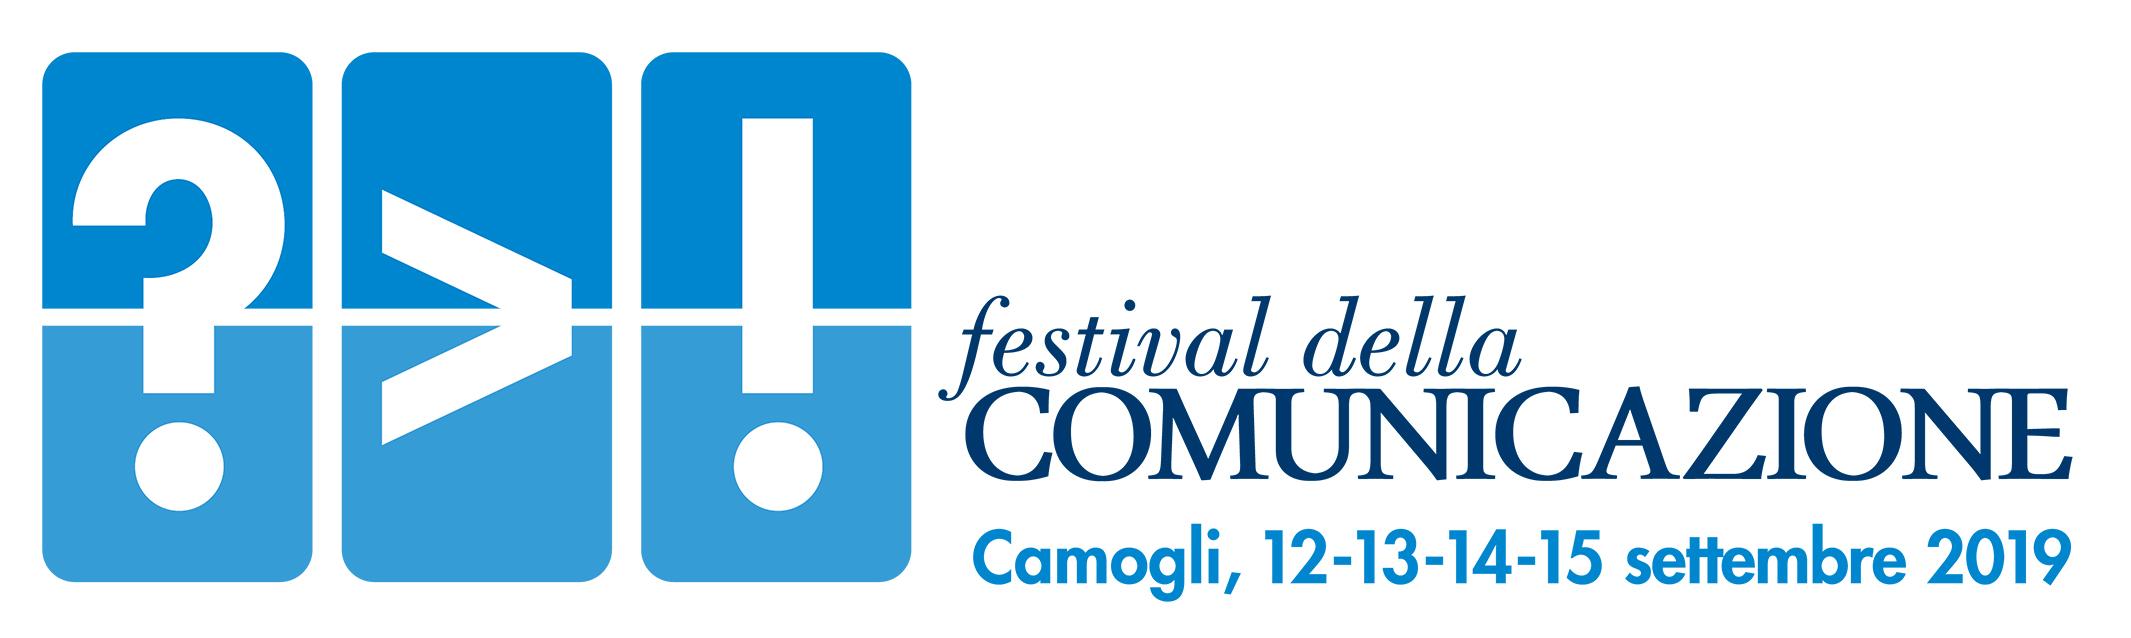 Civiltà al Festival della Comunicazione